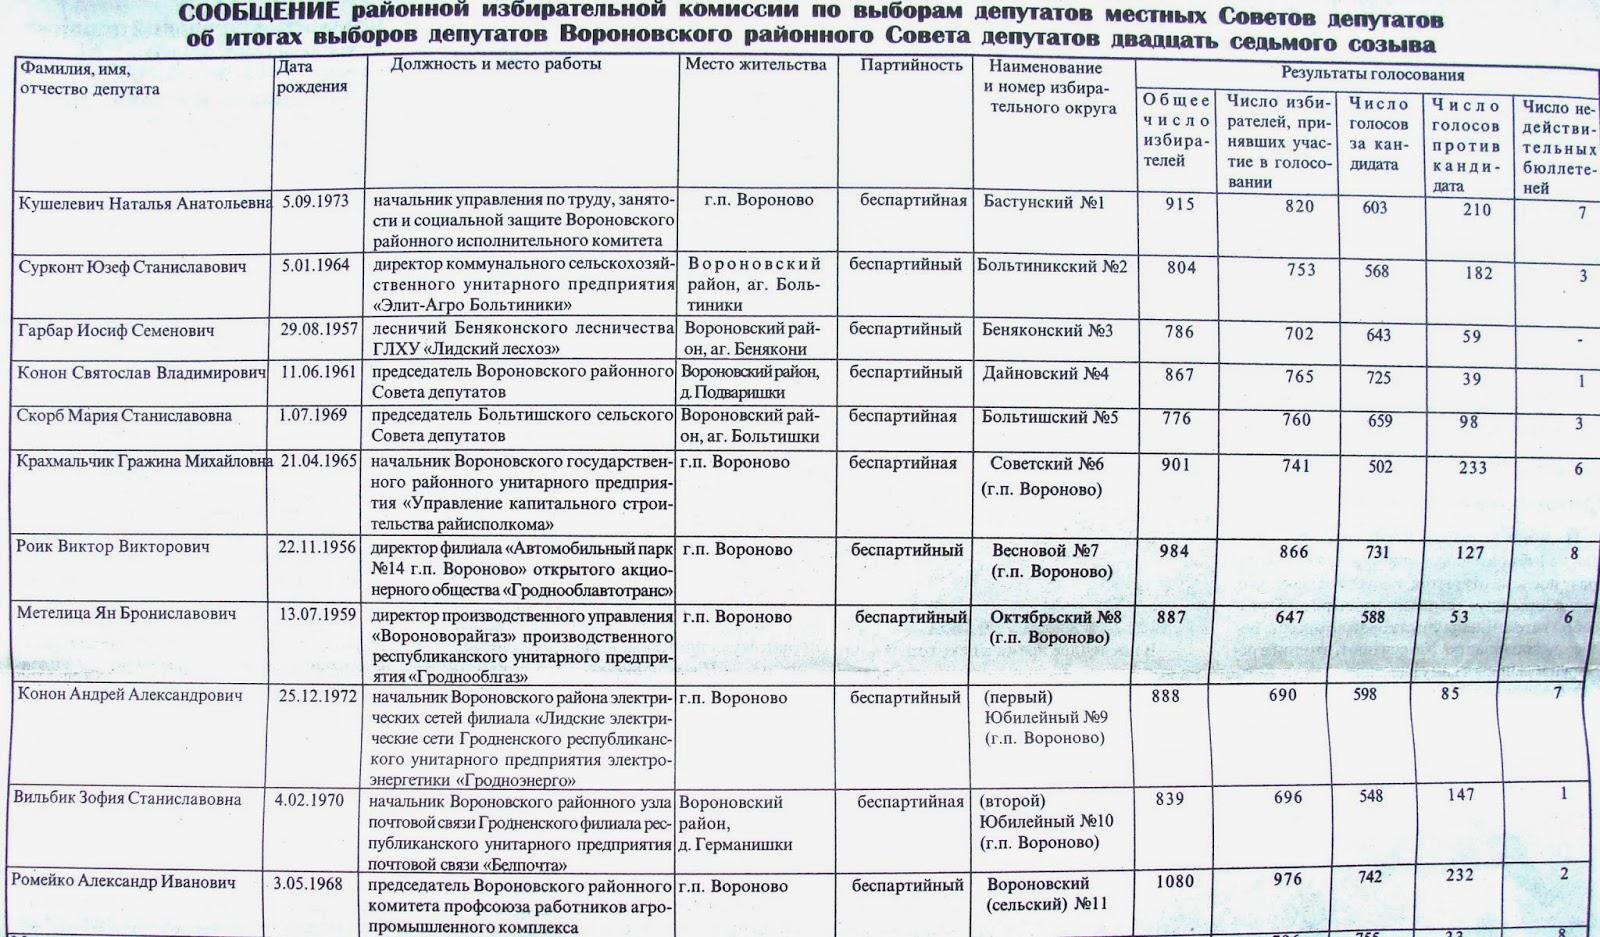 итоги выборов депутатов районного совета 2014